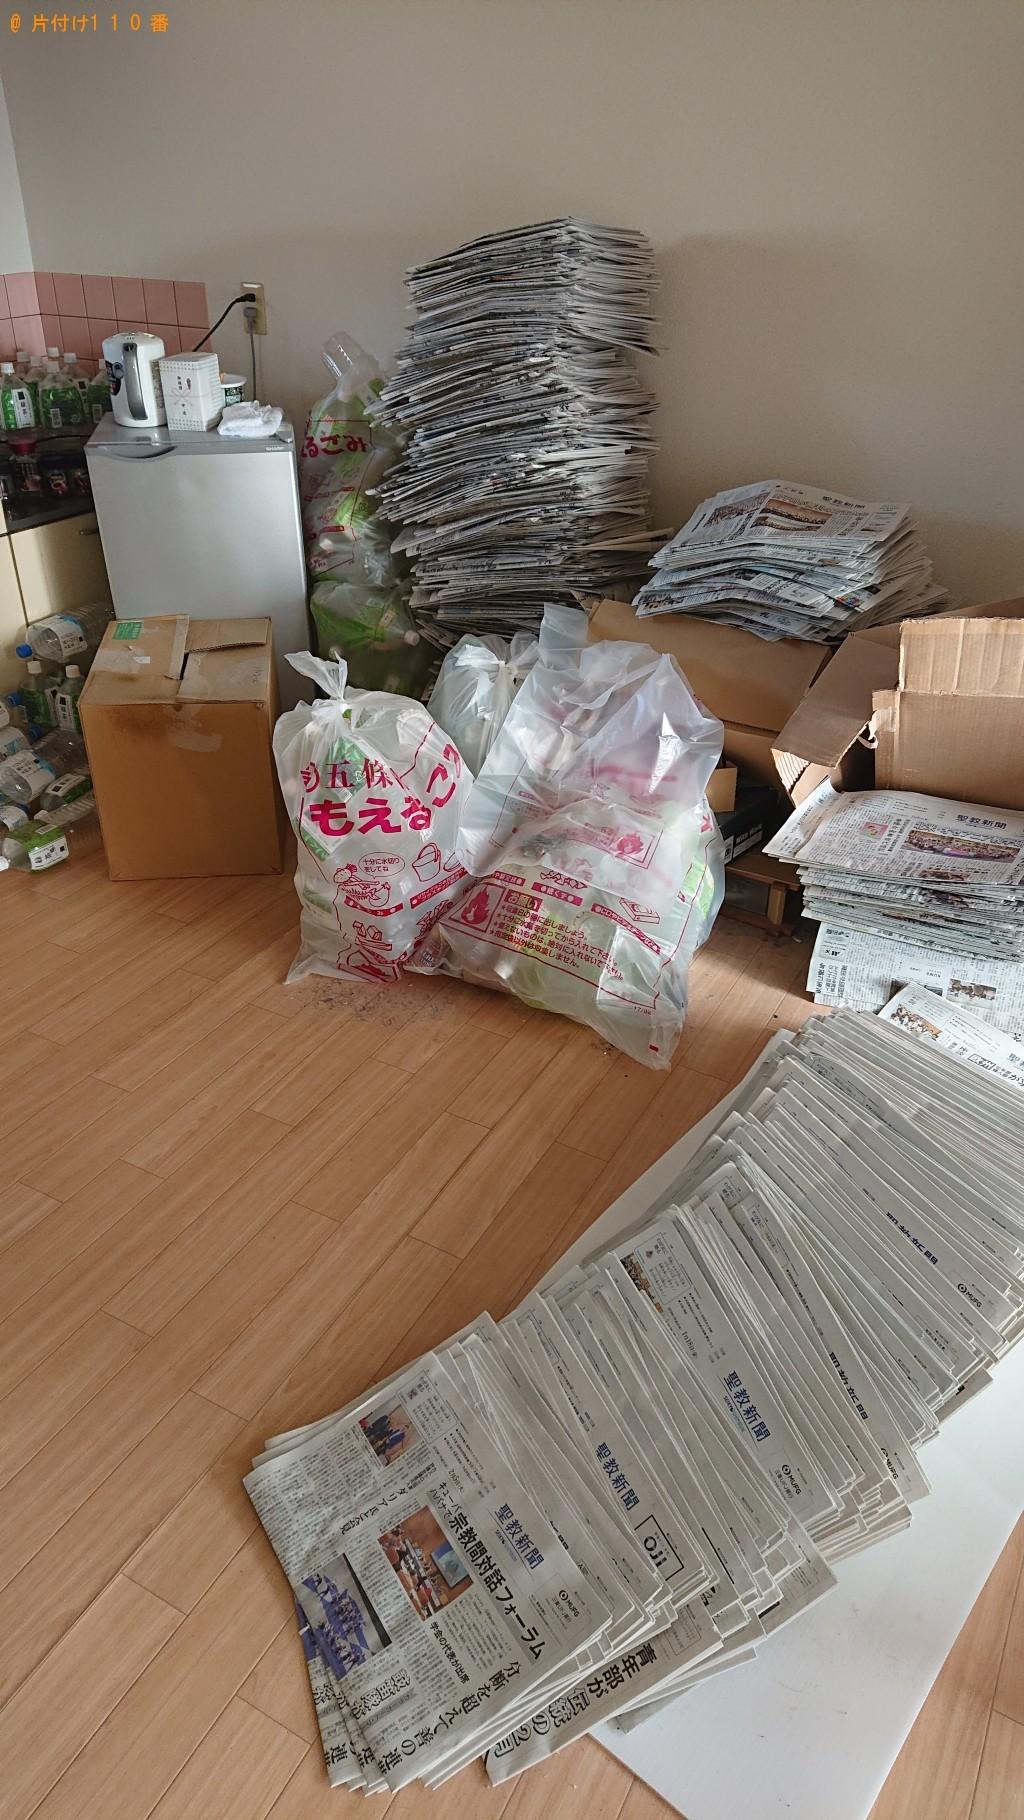 【五條市本町】古新聞・ペットボトル・プラスチックハンガー等の回収